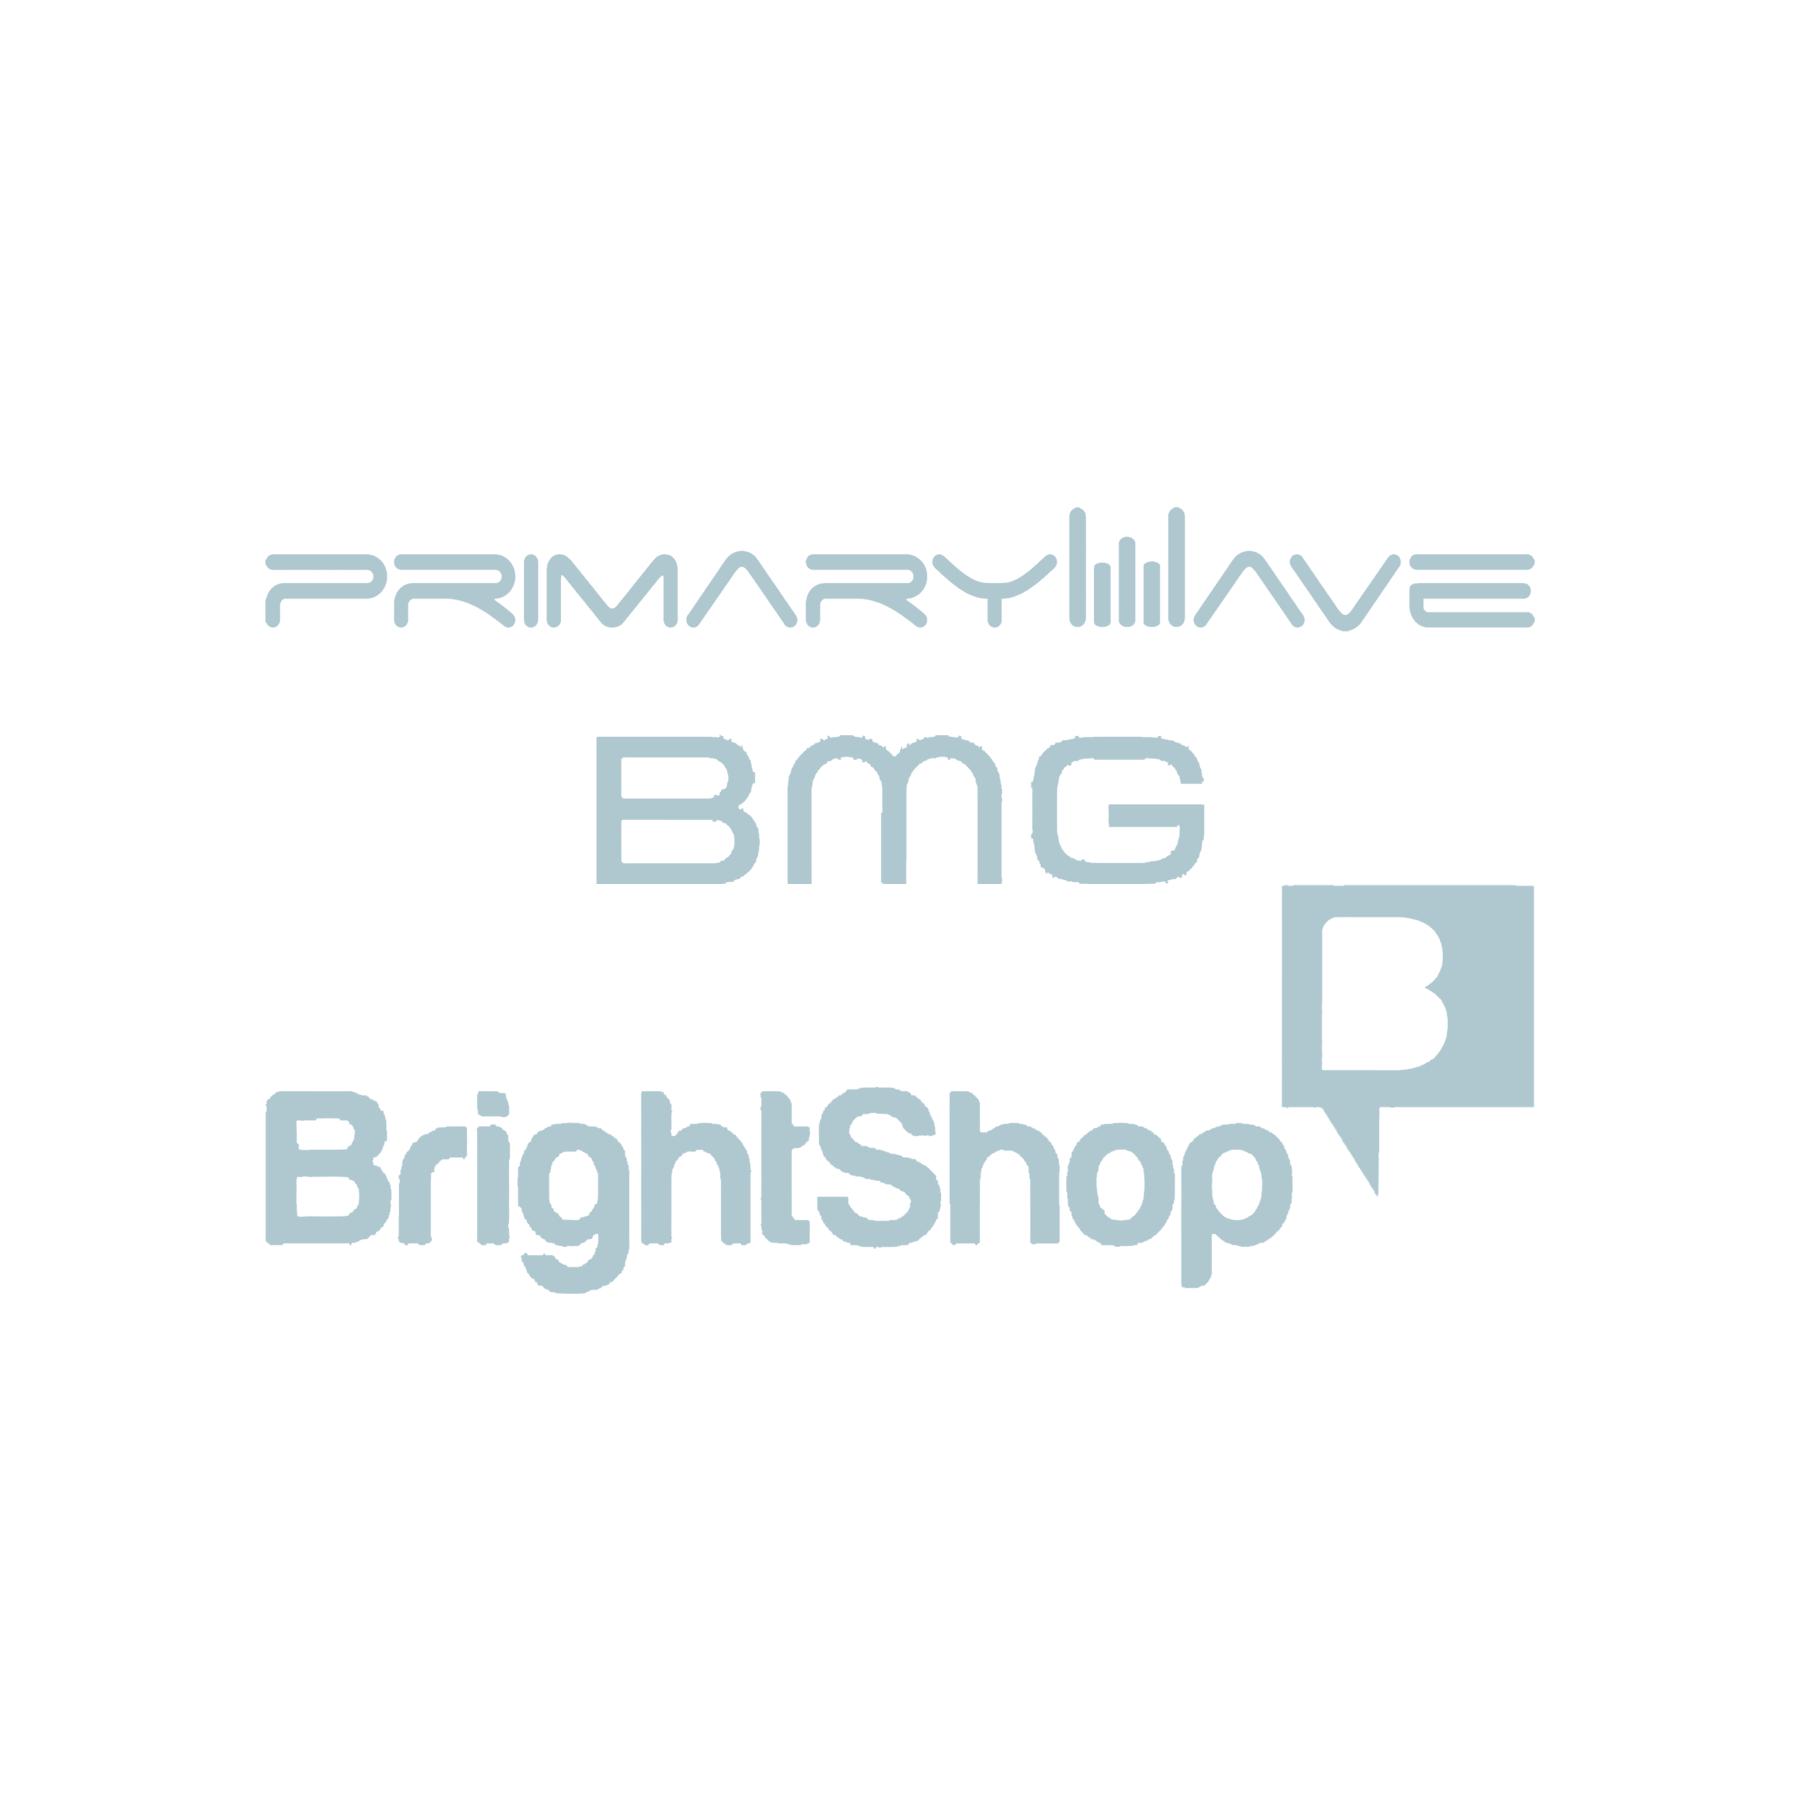 pw brightshop.png